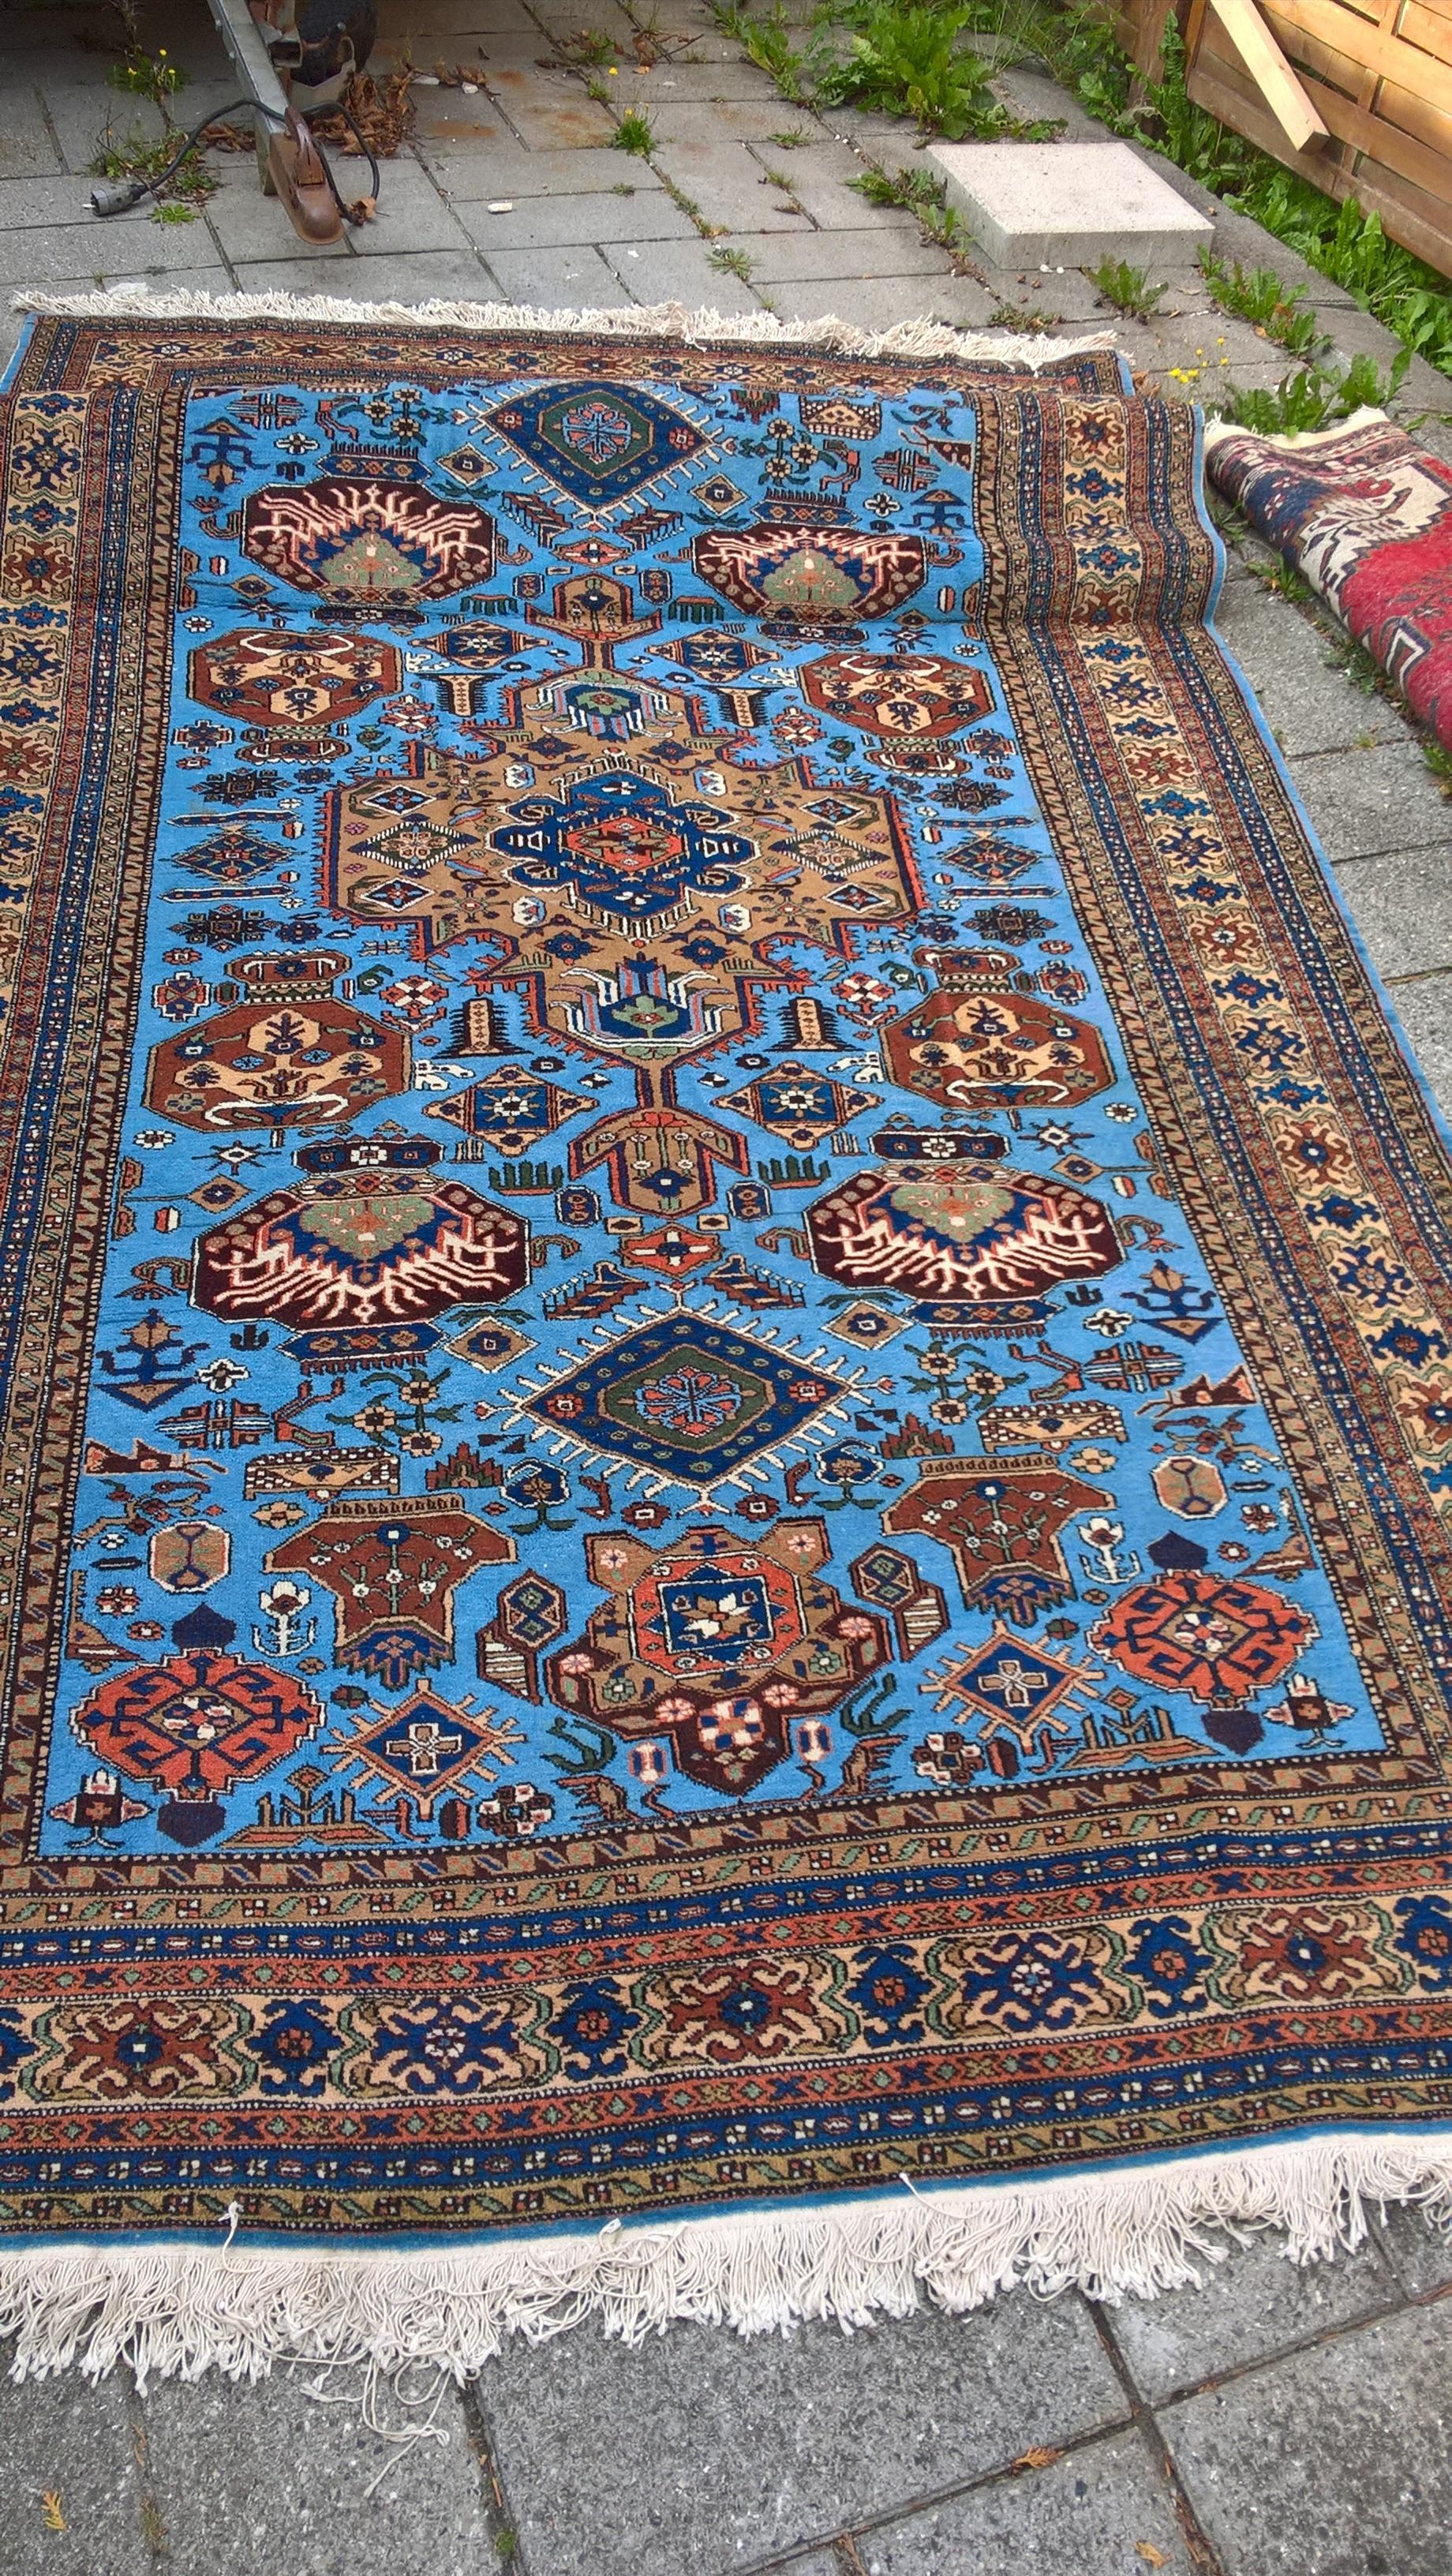 Ægte Persisk tæppe ARDEBIL / Iran Mål 290 x 170 cm Tæppe kr. 5.500,- Varenr. Rug16-3460-05-turkis